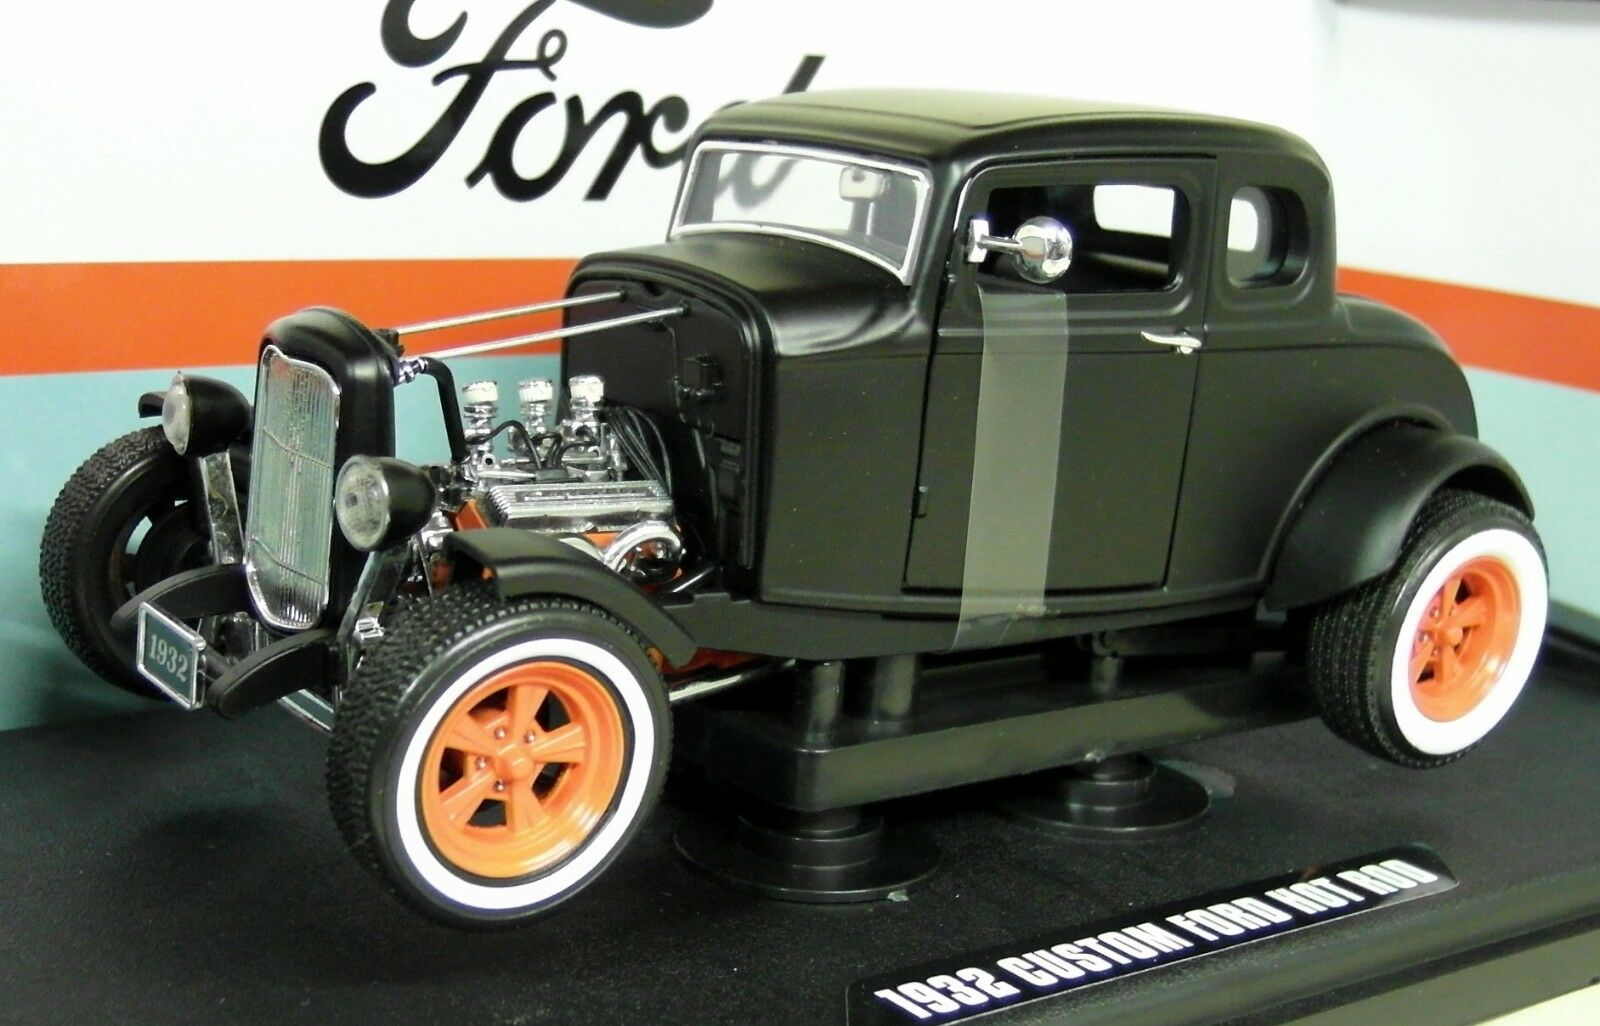 Verdelight 1/18 SCALA 1932 FORD Personalizzato Hot Rod Opaco Nero Auto Modello Diecast